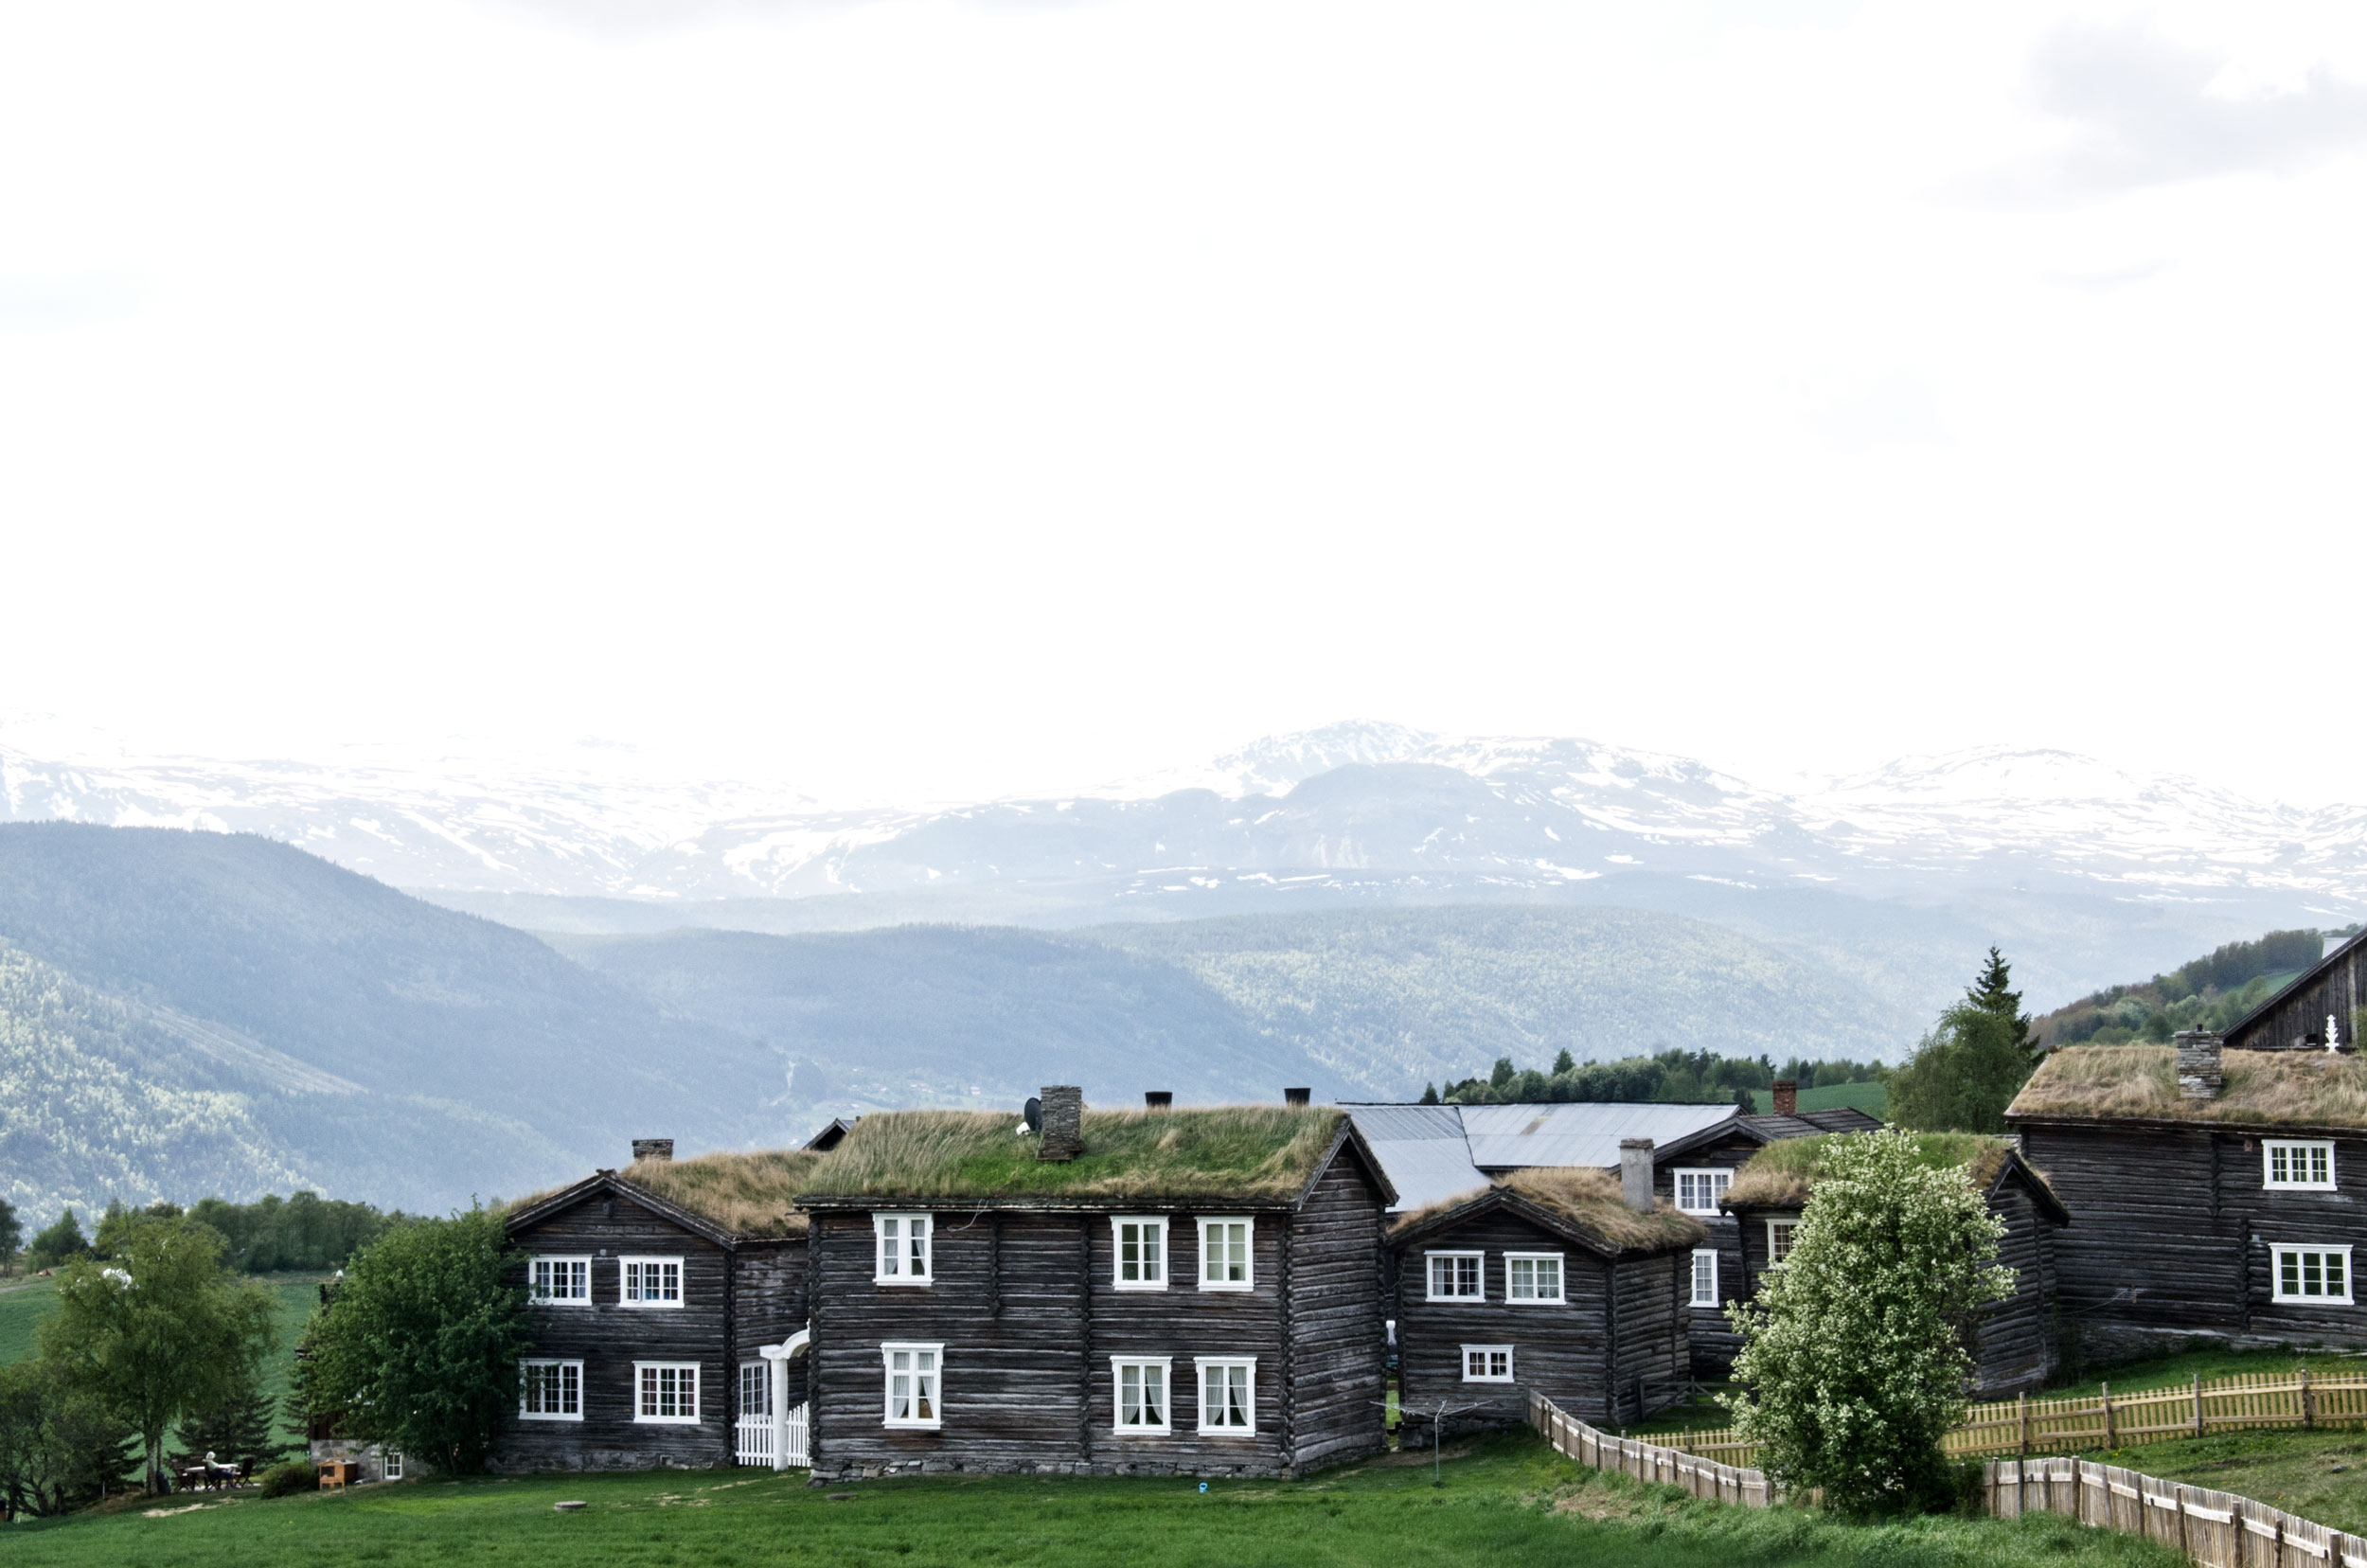 PÅ ØVSTE HYLLE: Den historiske garden Kvarberg Nedre ligg høgt og fritt i det unike kulturlandskapet Nordherad i Vågå. Jotunheimen ser du i horisonten - boligområdet Kvarbergåsen ligg i fjellfuruskogen bak fotografen sin ståstad.